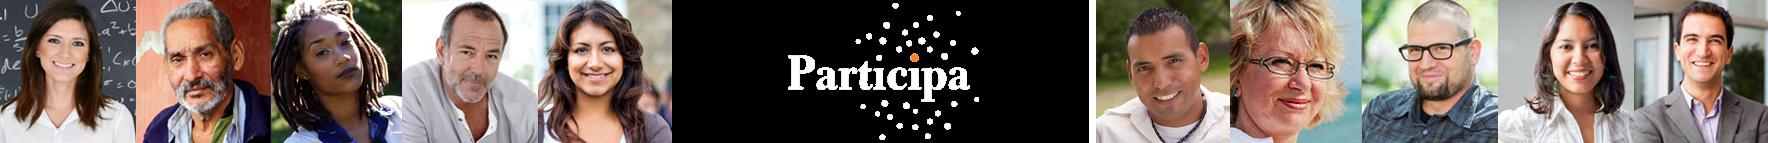 Fundación Participa Logo